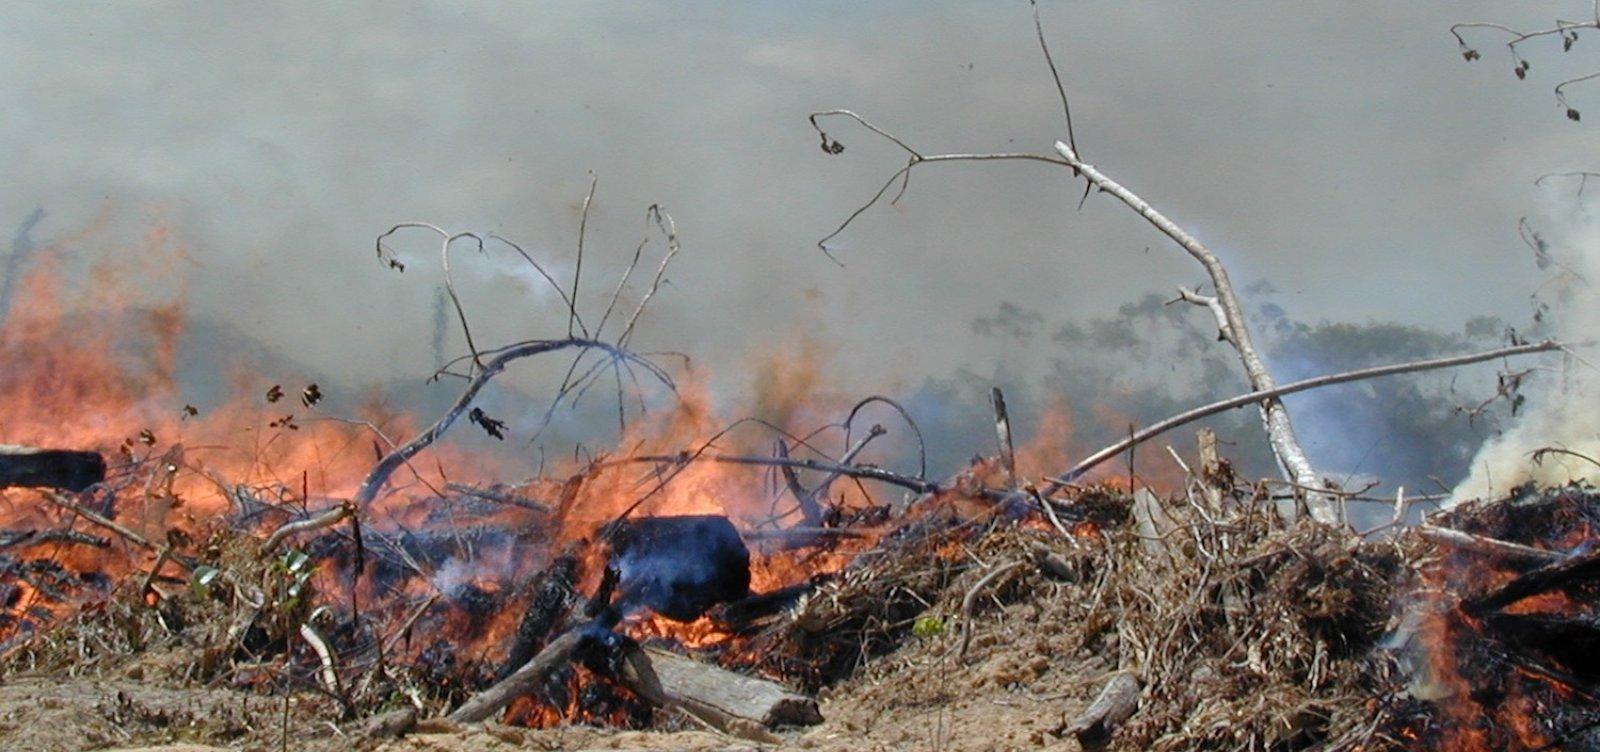 [Inverno começa e clima no Brasil terá influência do El Niño, diz Inmet]